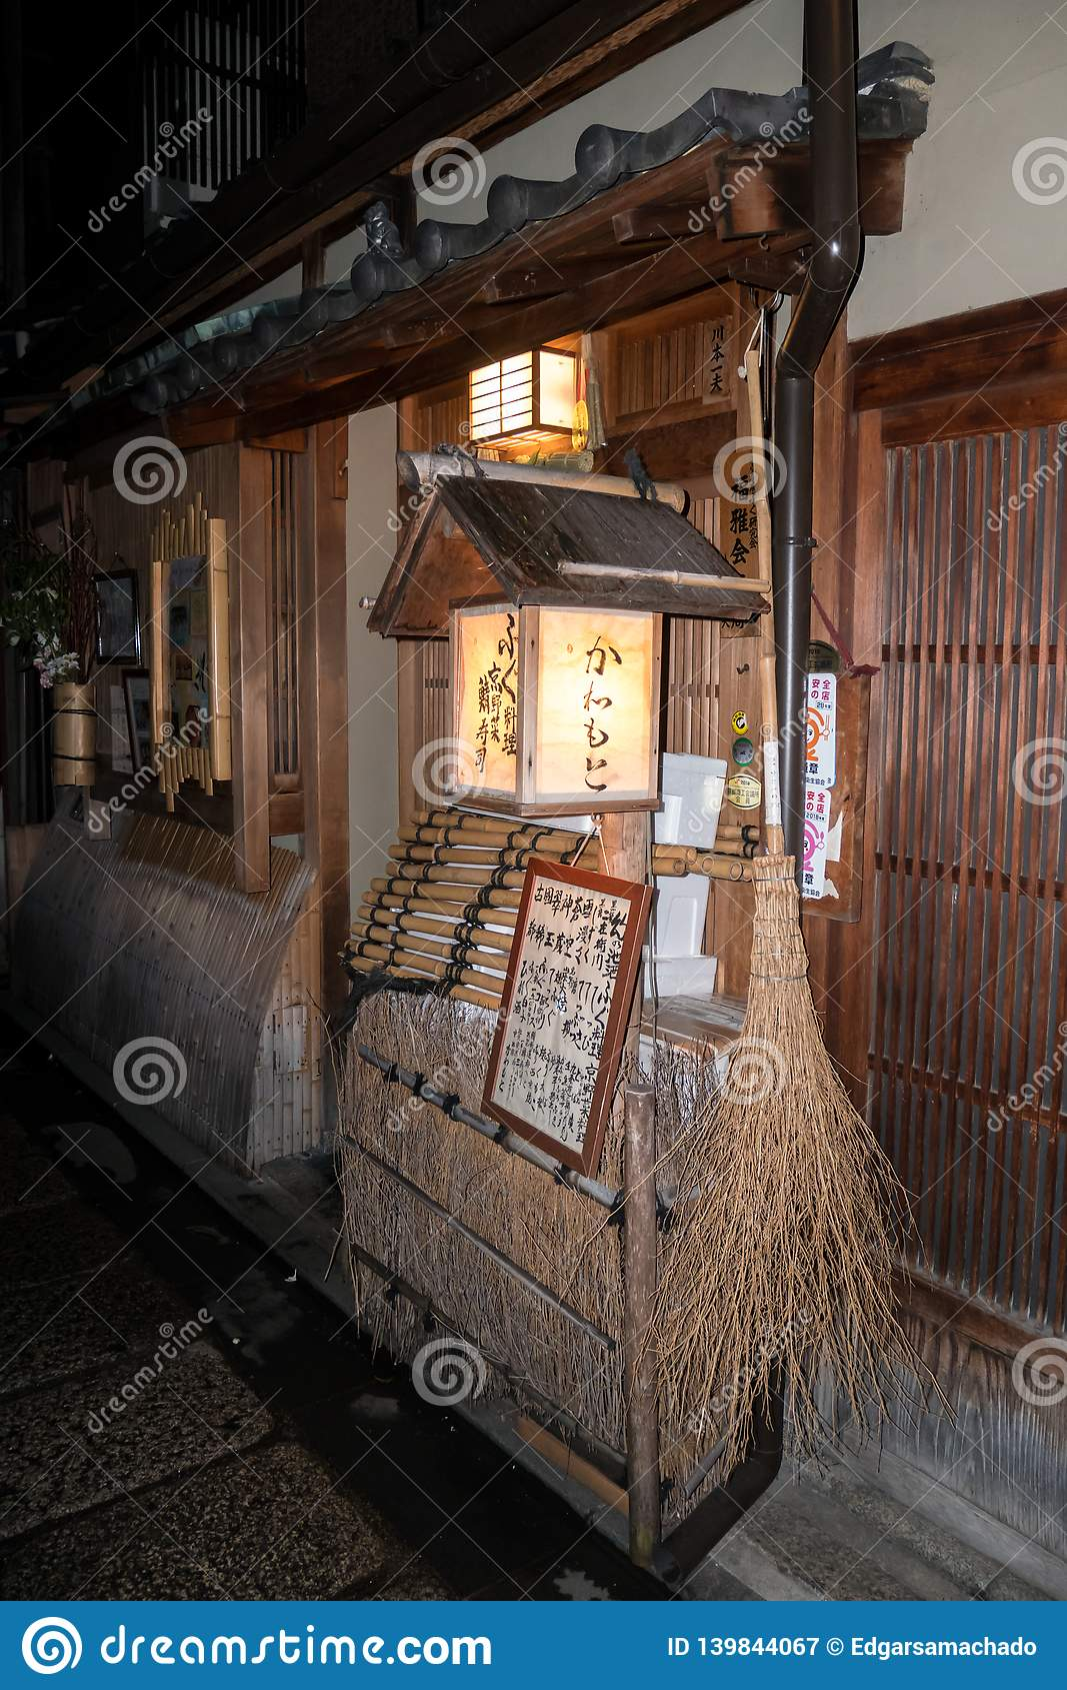 Restaurant at Gion, Japan